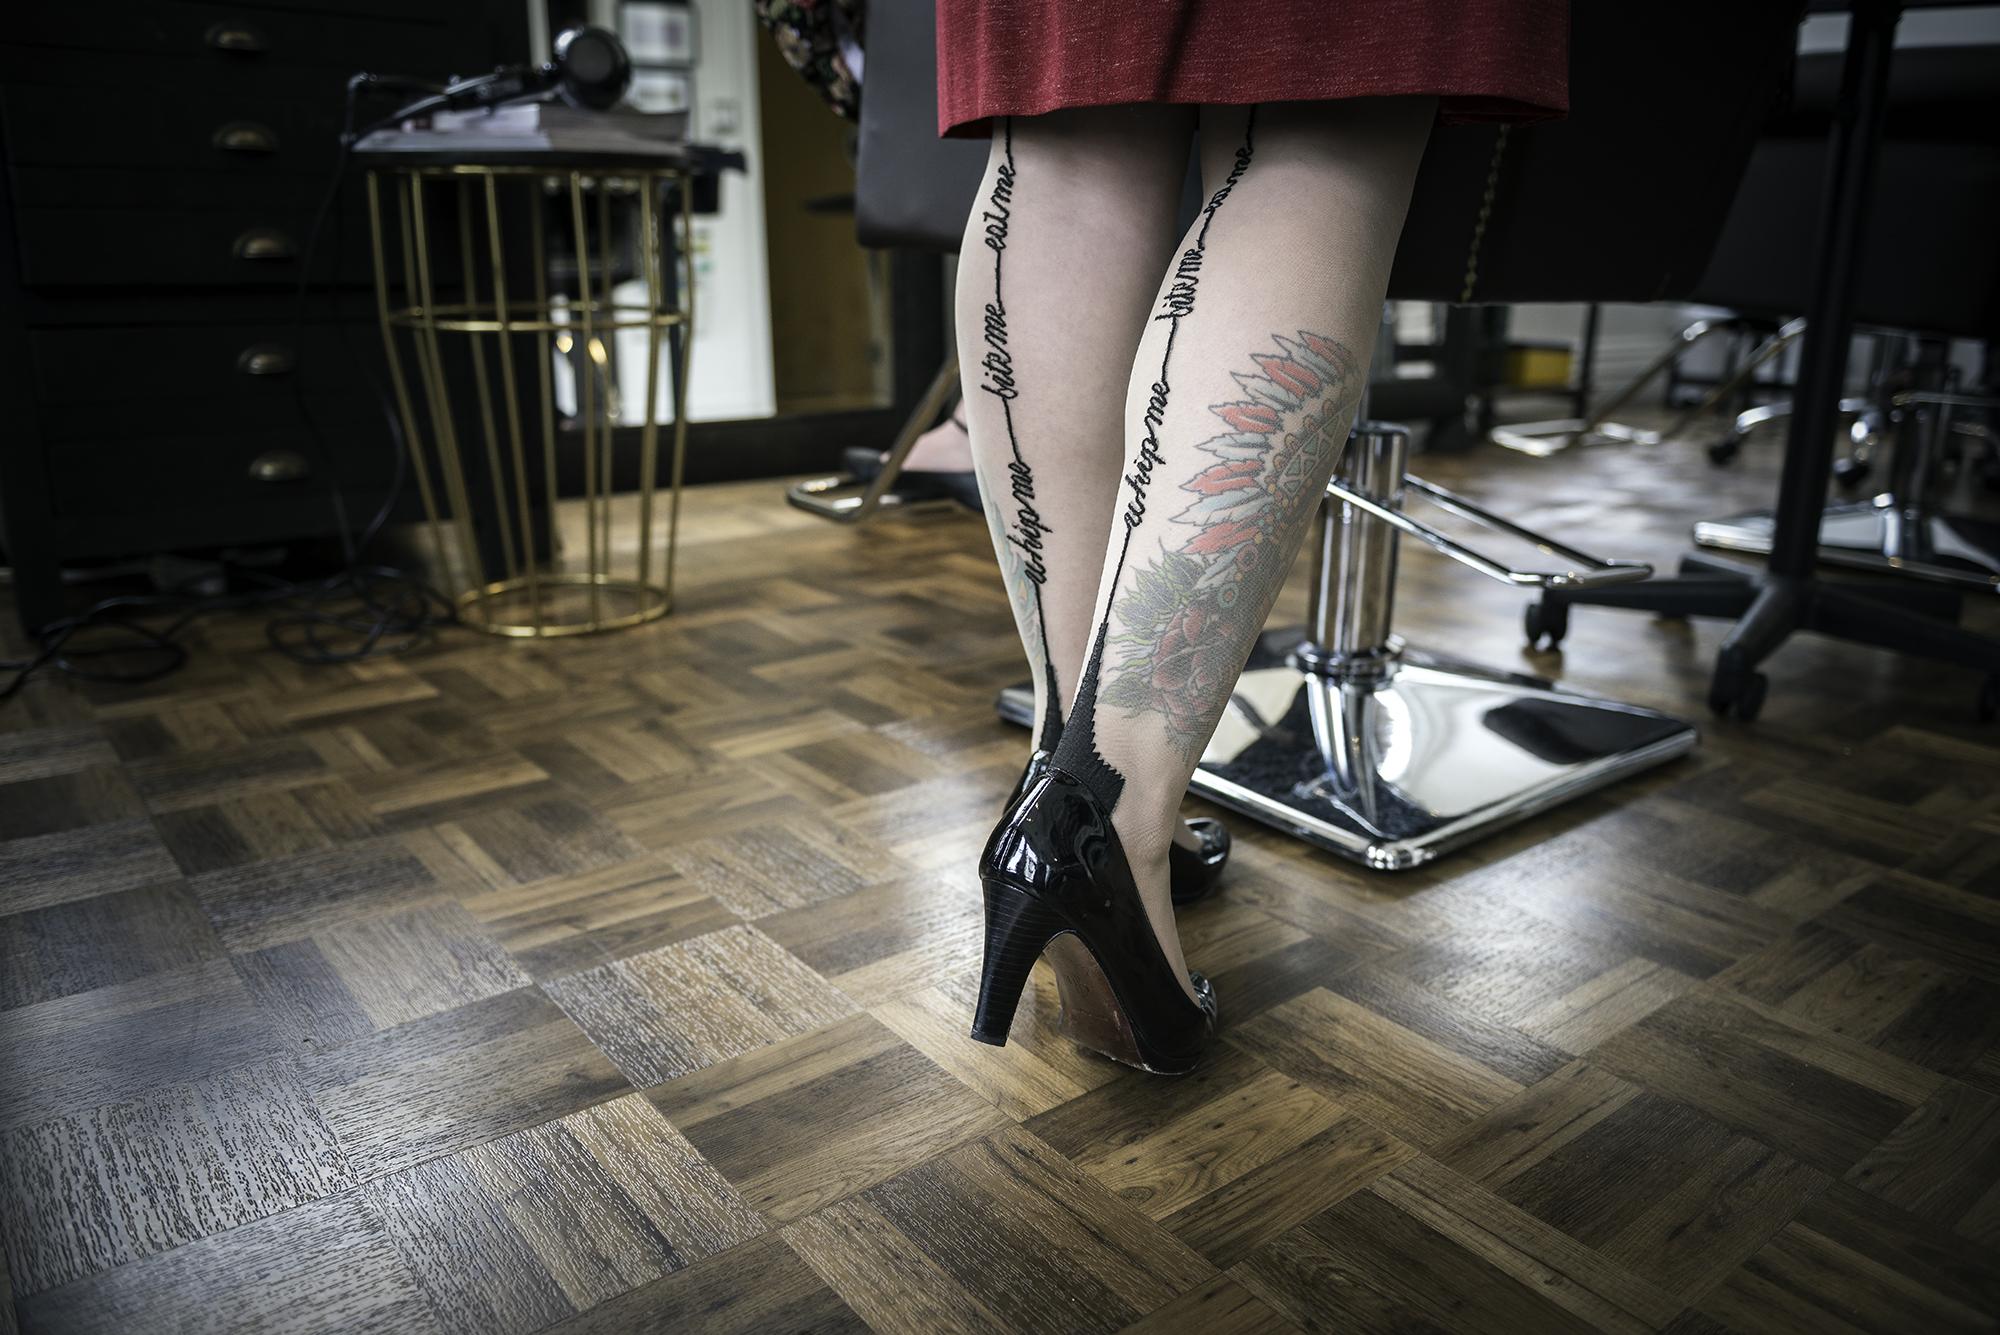 salon web-0069_1.jpg